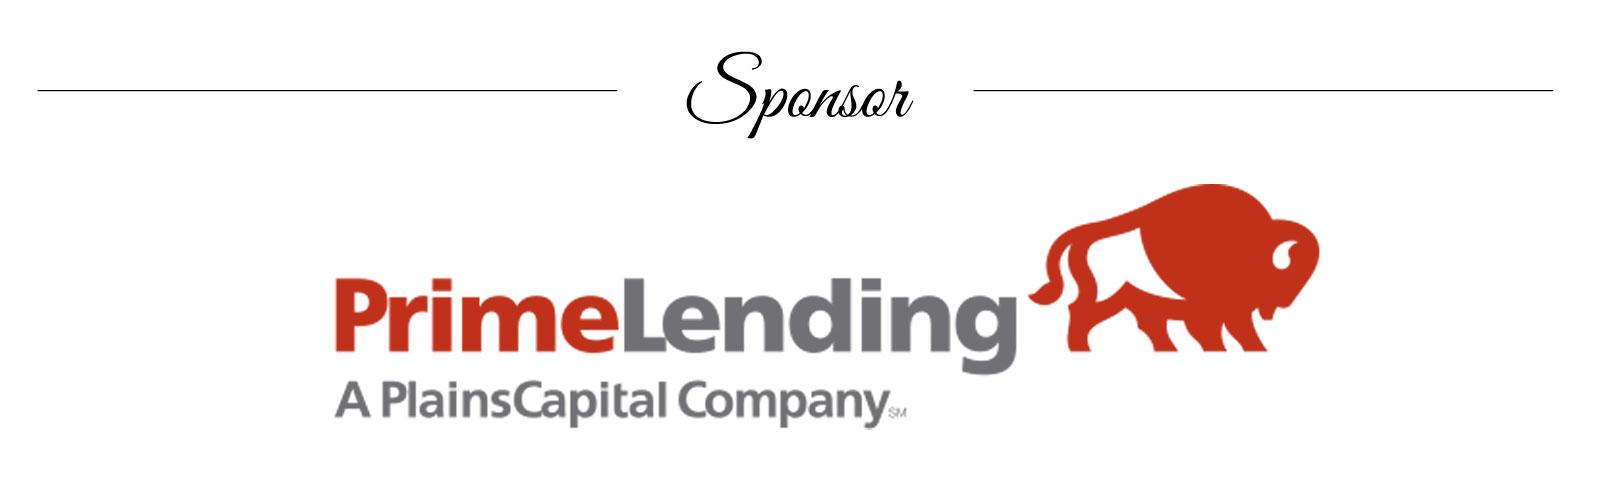 home-slide-sponsor-primelending